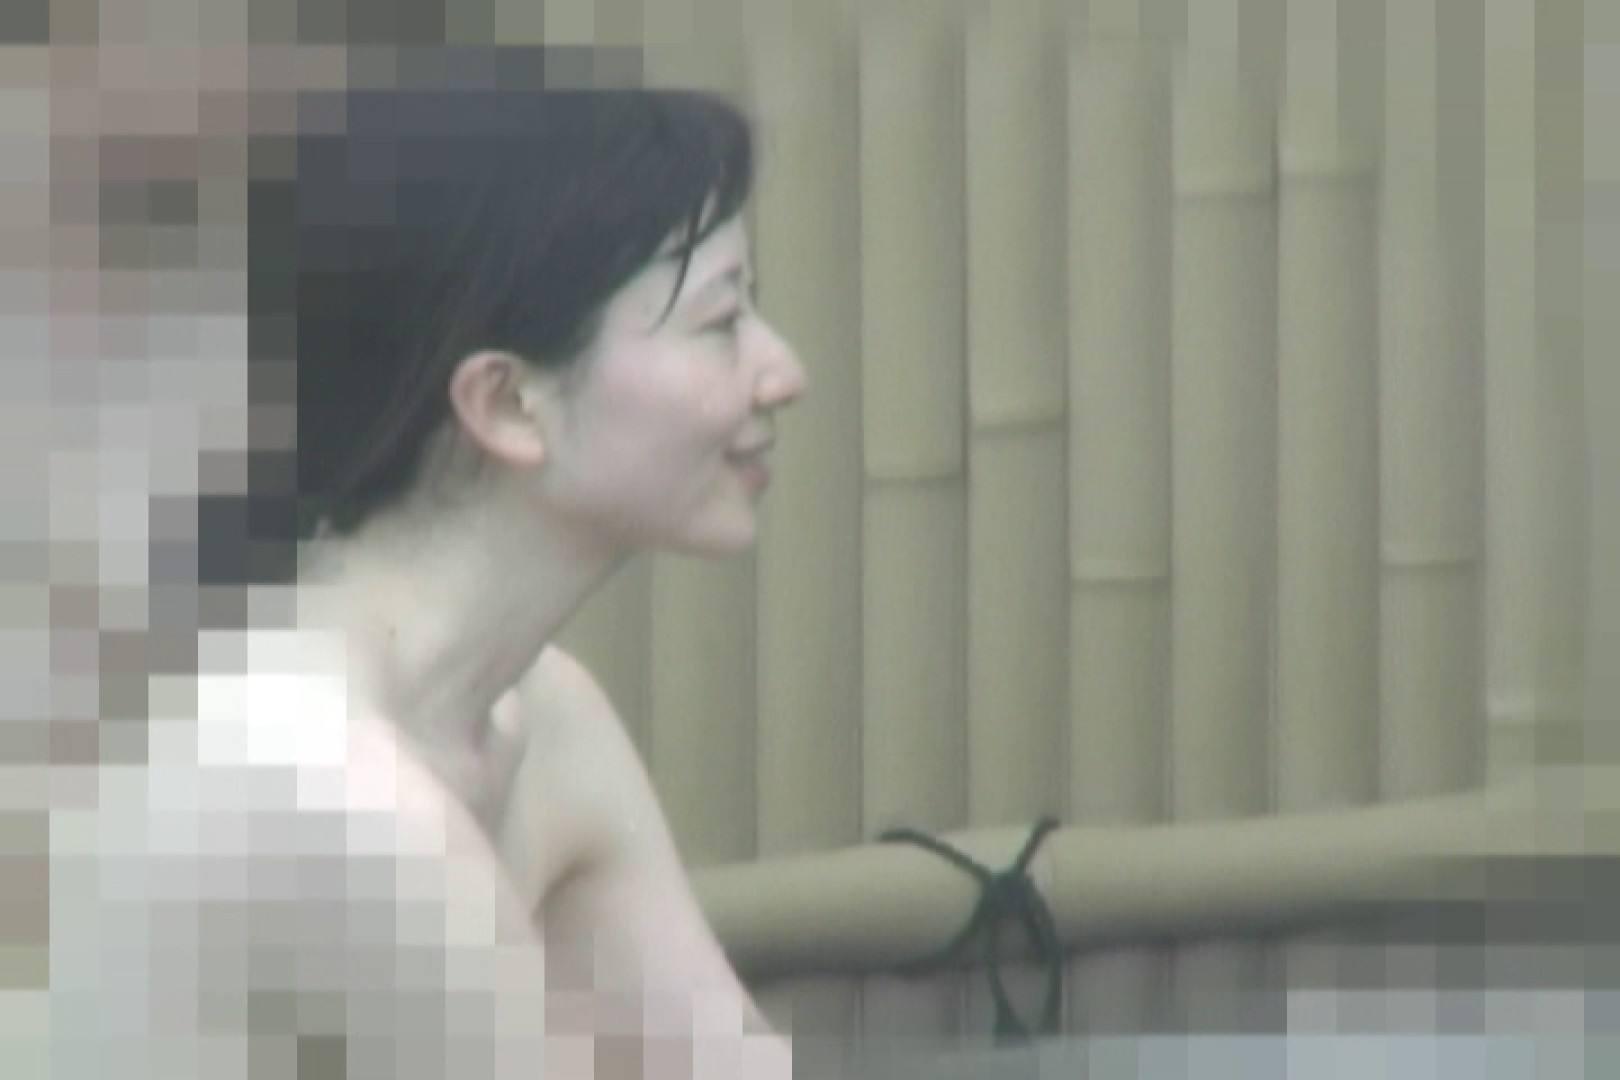 Aquaな露天風呂Vol.835 0  57pic 50